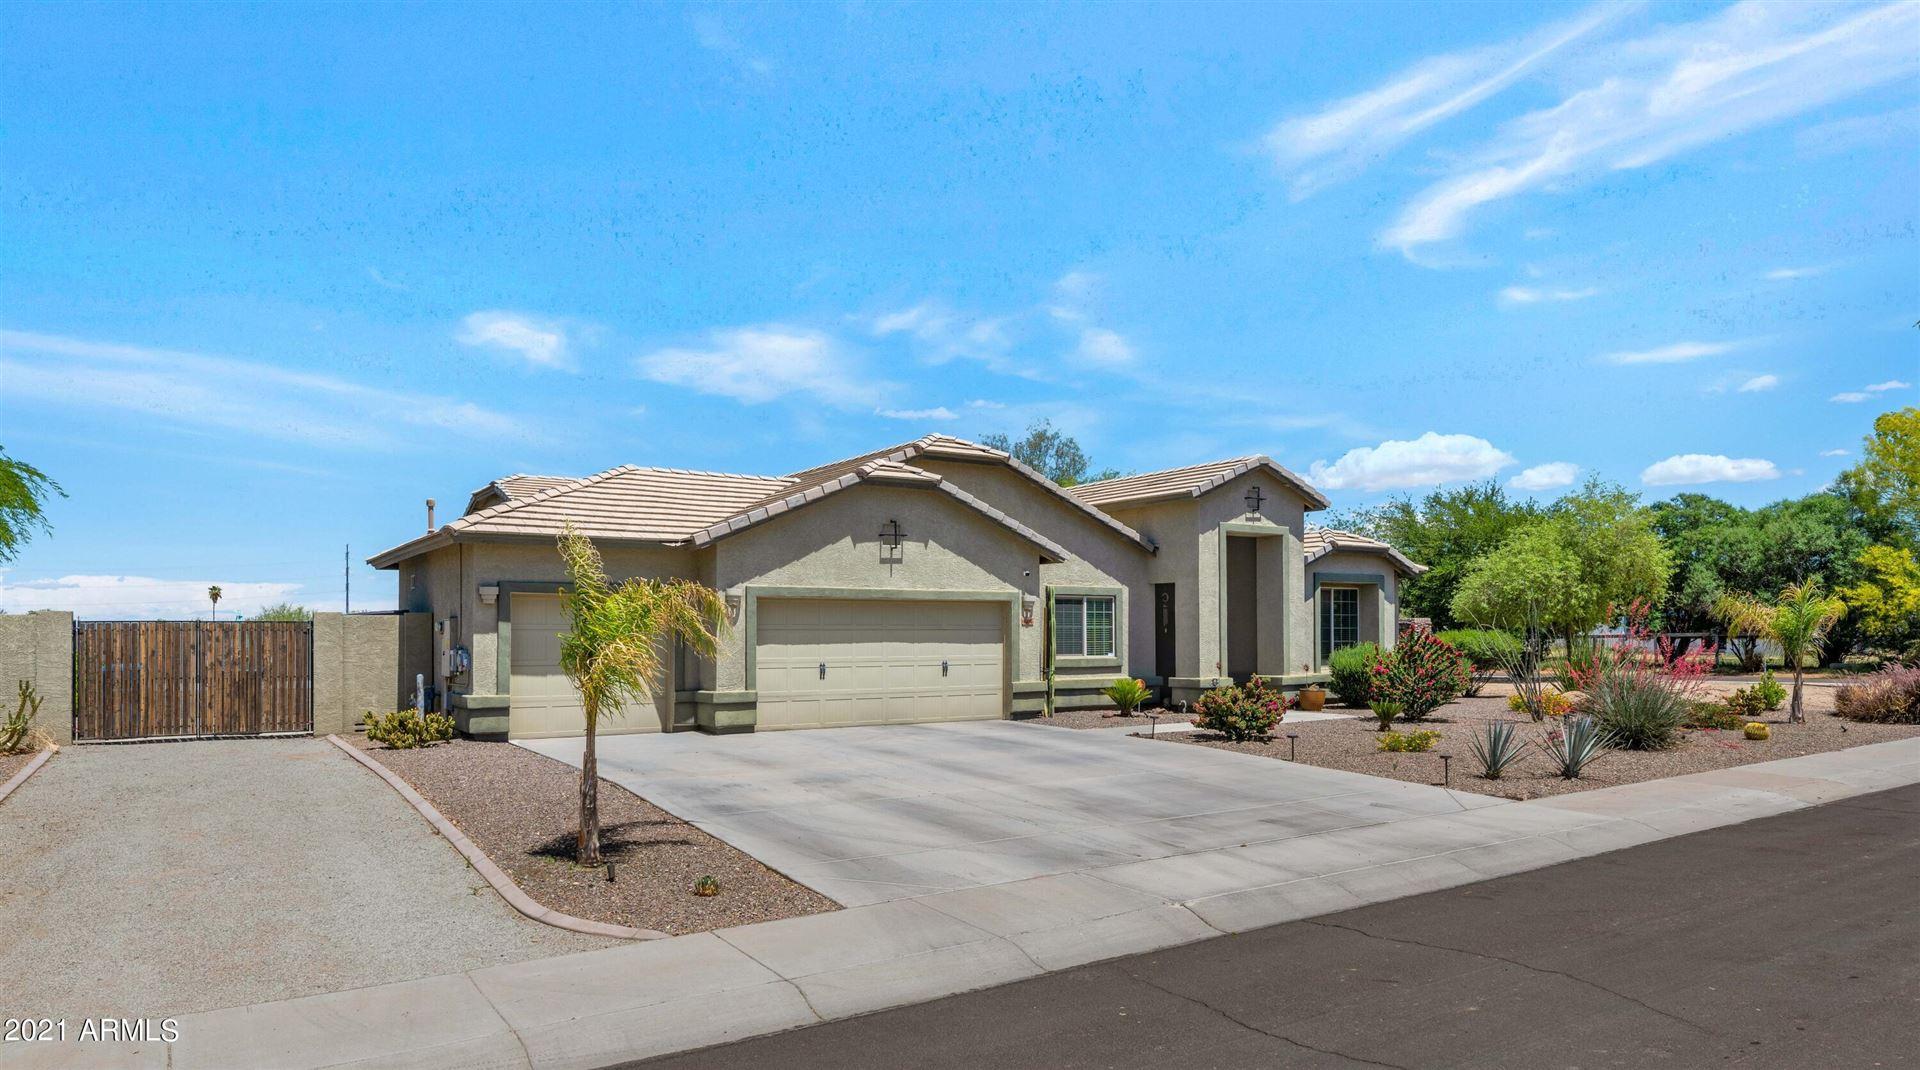 Photo of 3106 W MELODY Drive, Laveen, AZ 85339 (MLS # 6228980)